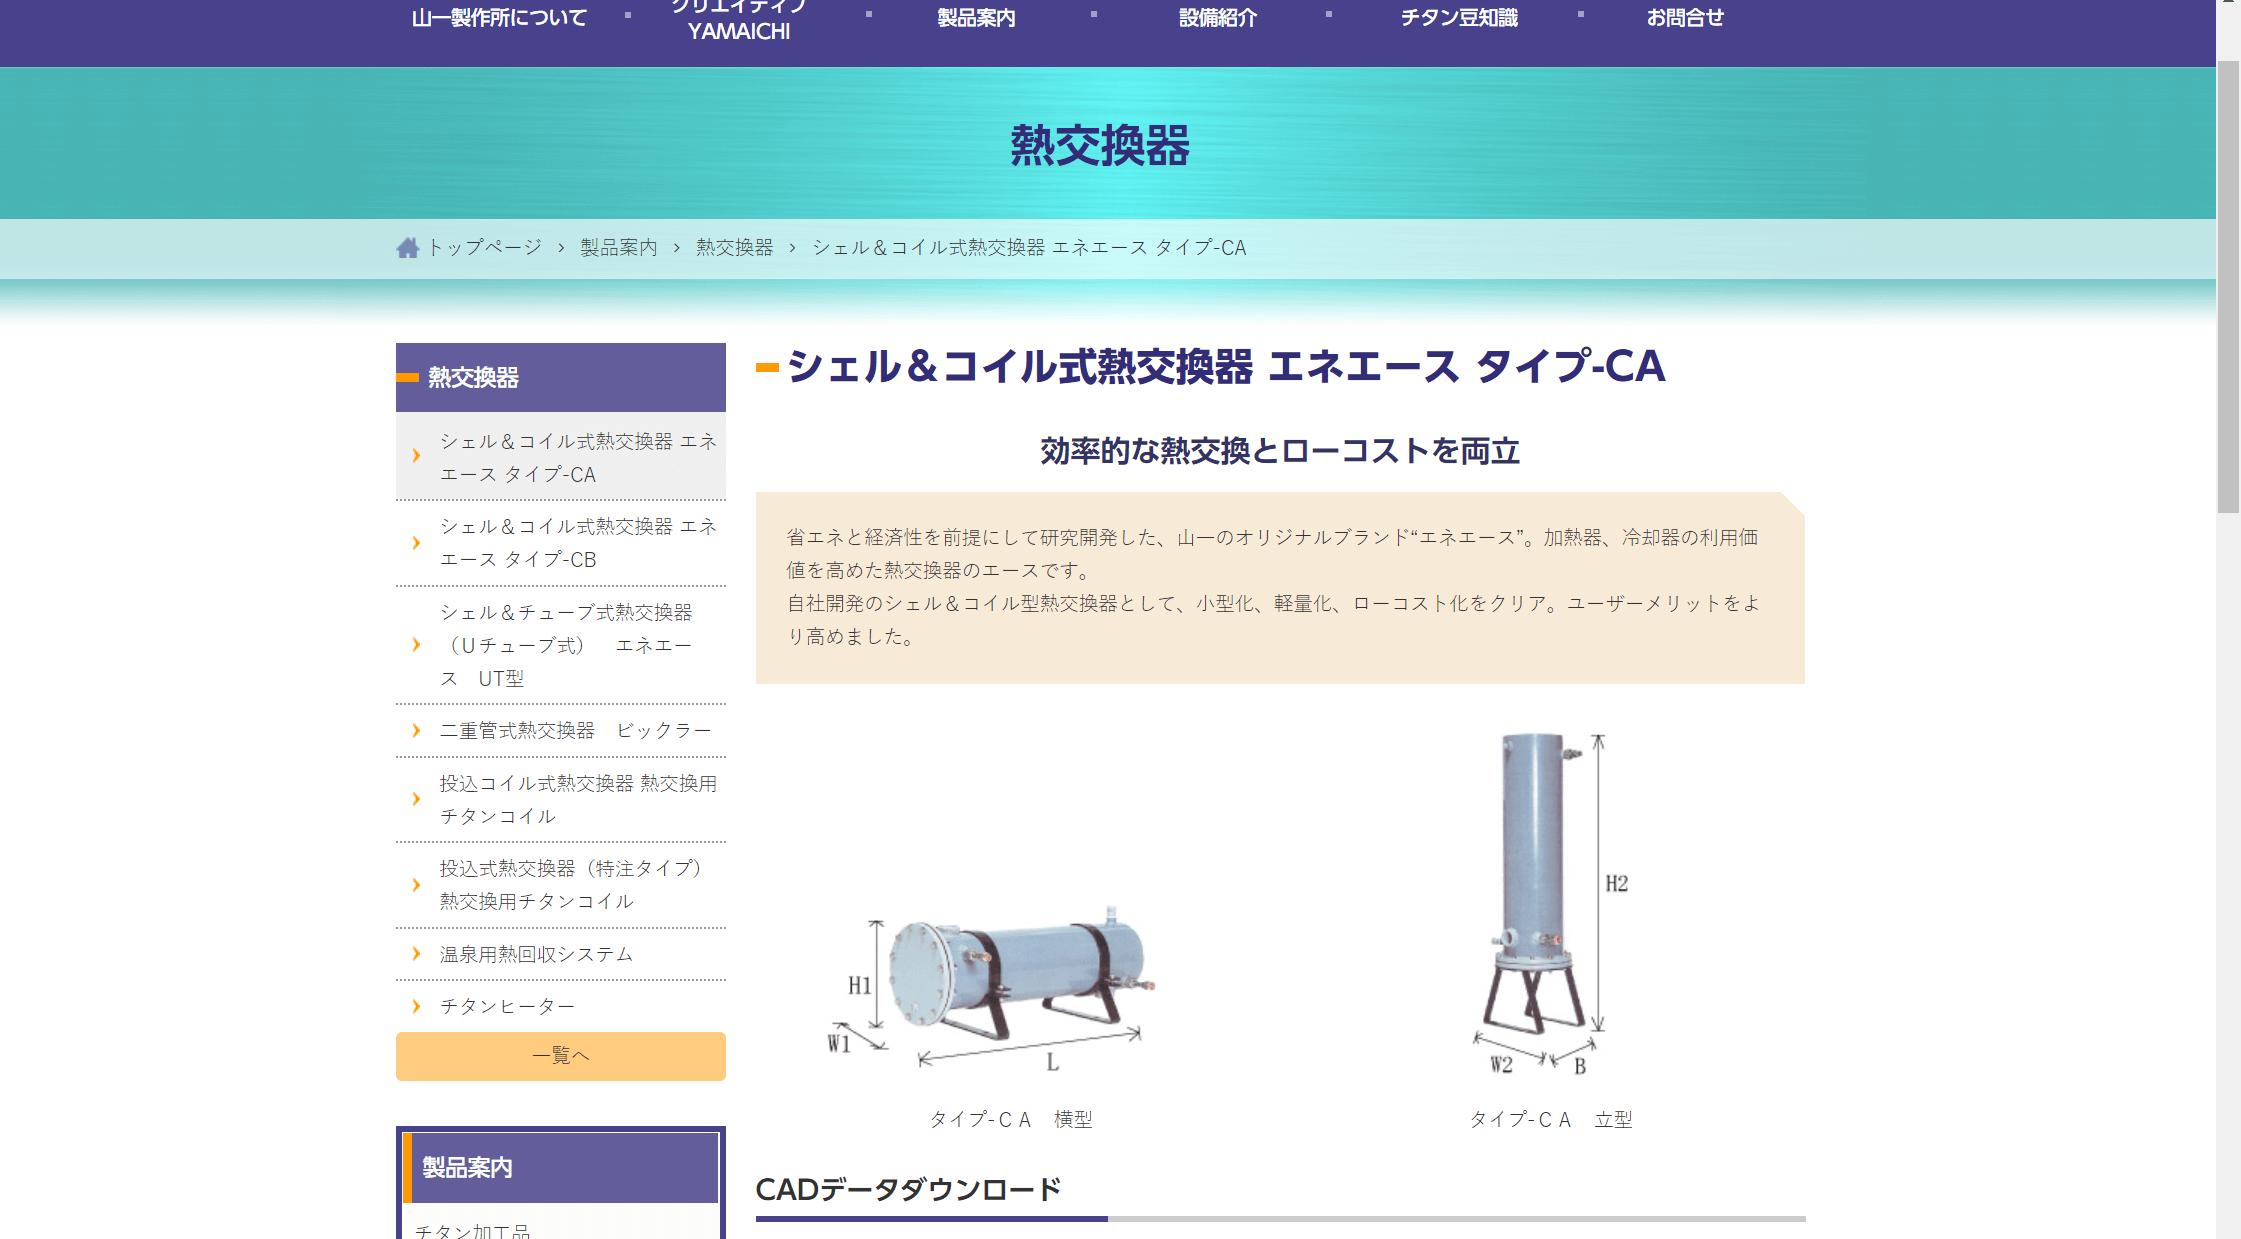 シェル&コイル式熱交換器 エネエース タイプ-CA